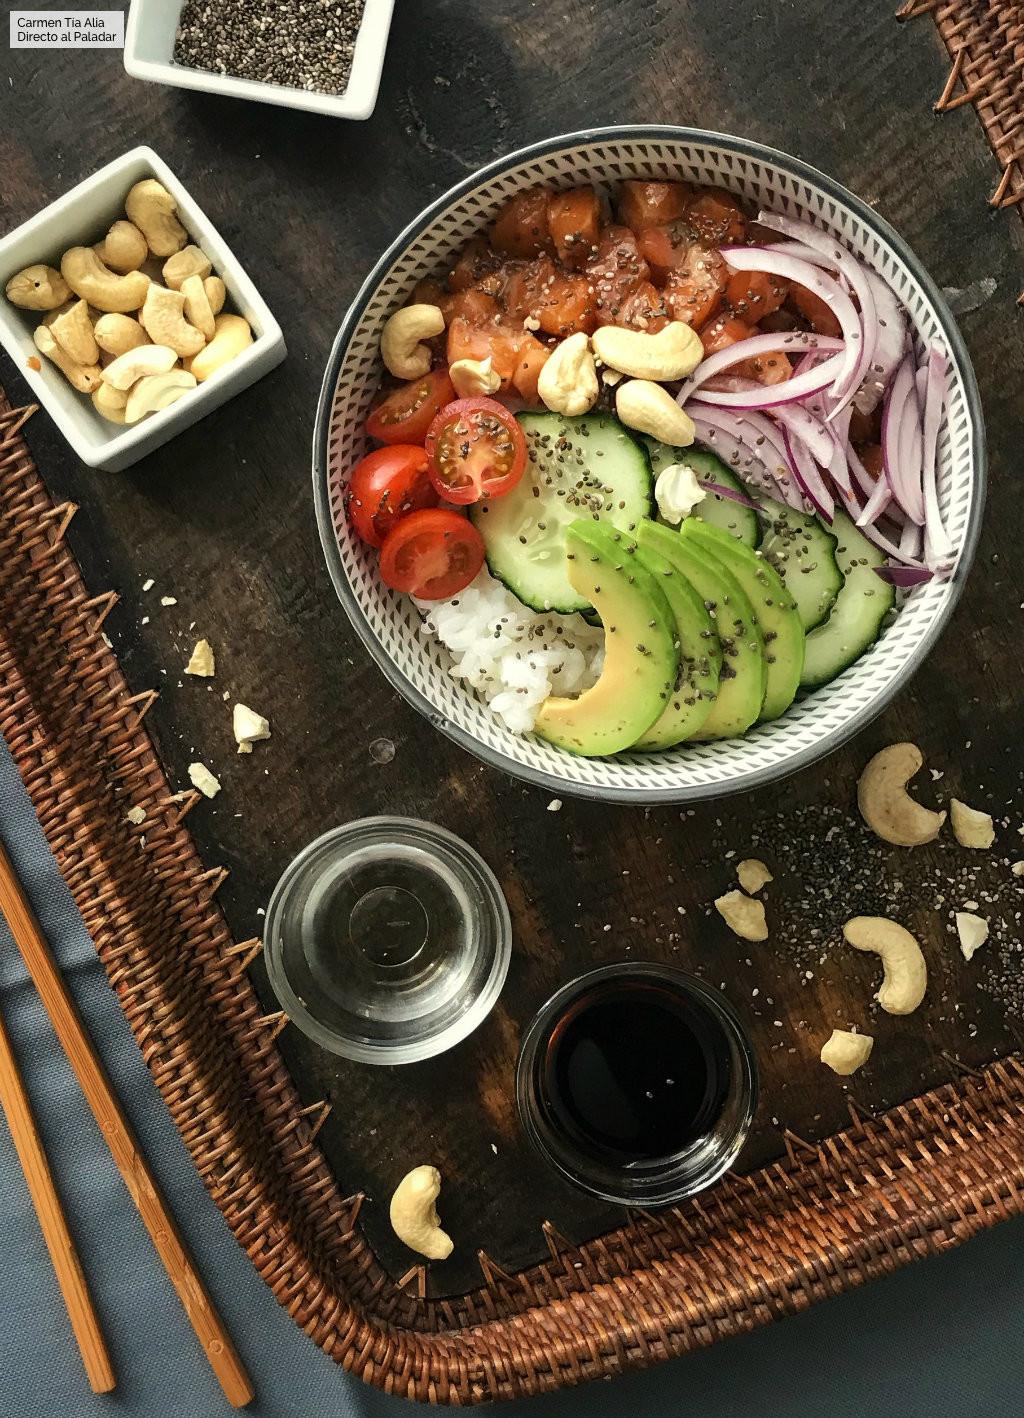 Ensalada Poke De Arroz Salmón Y Aguacate Receta De Cocina Fácil Sencilla Y Delicio